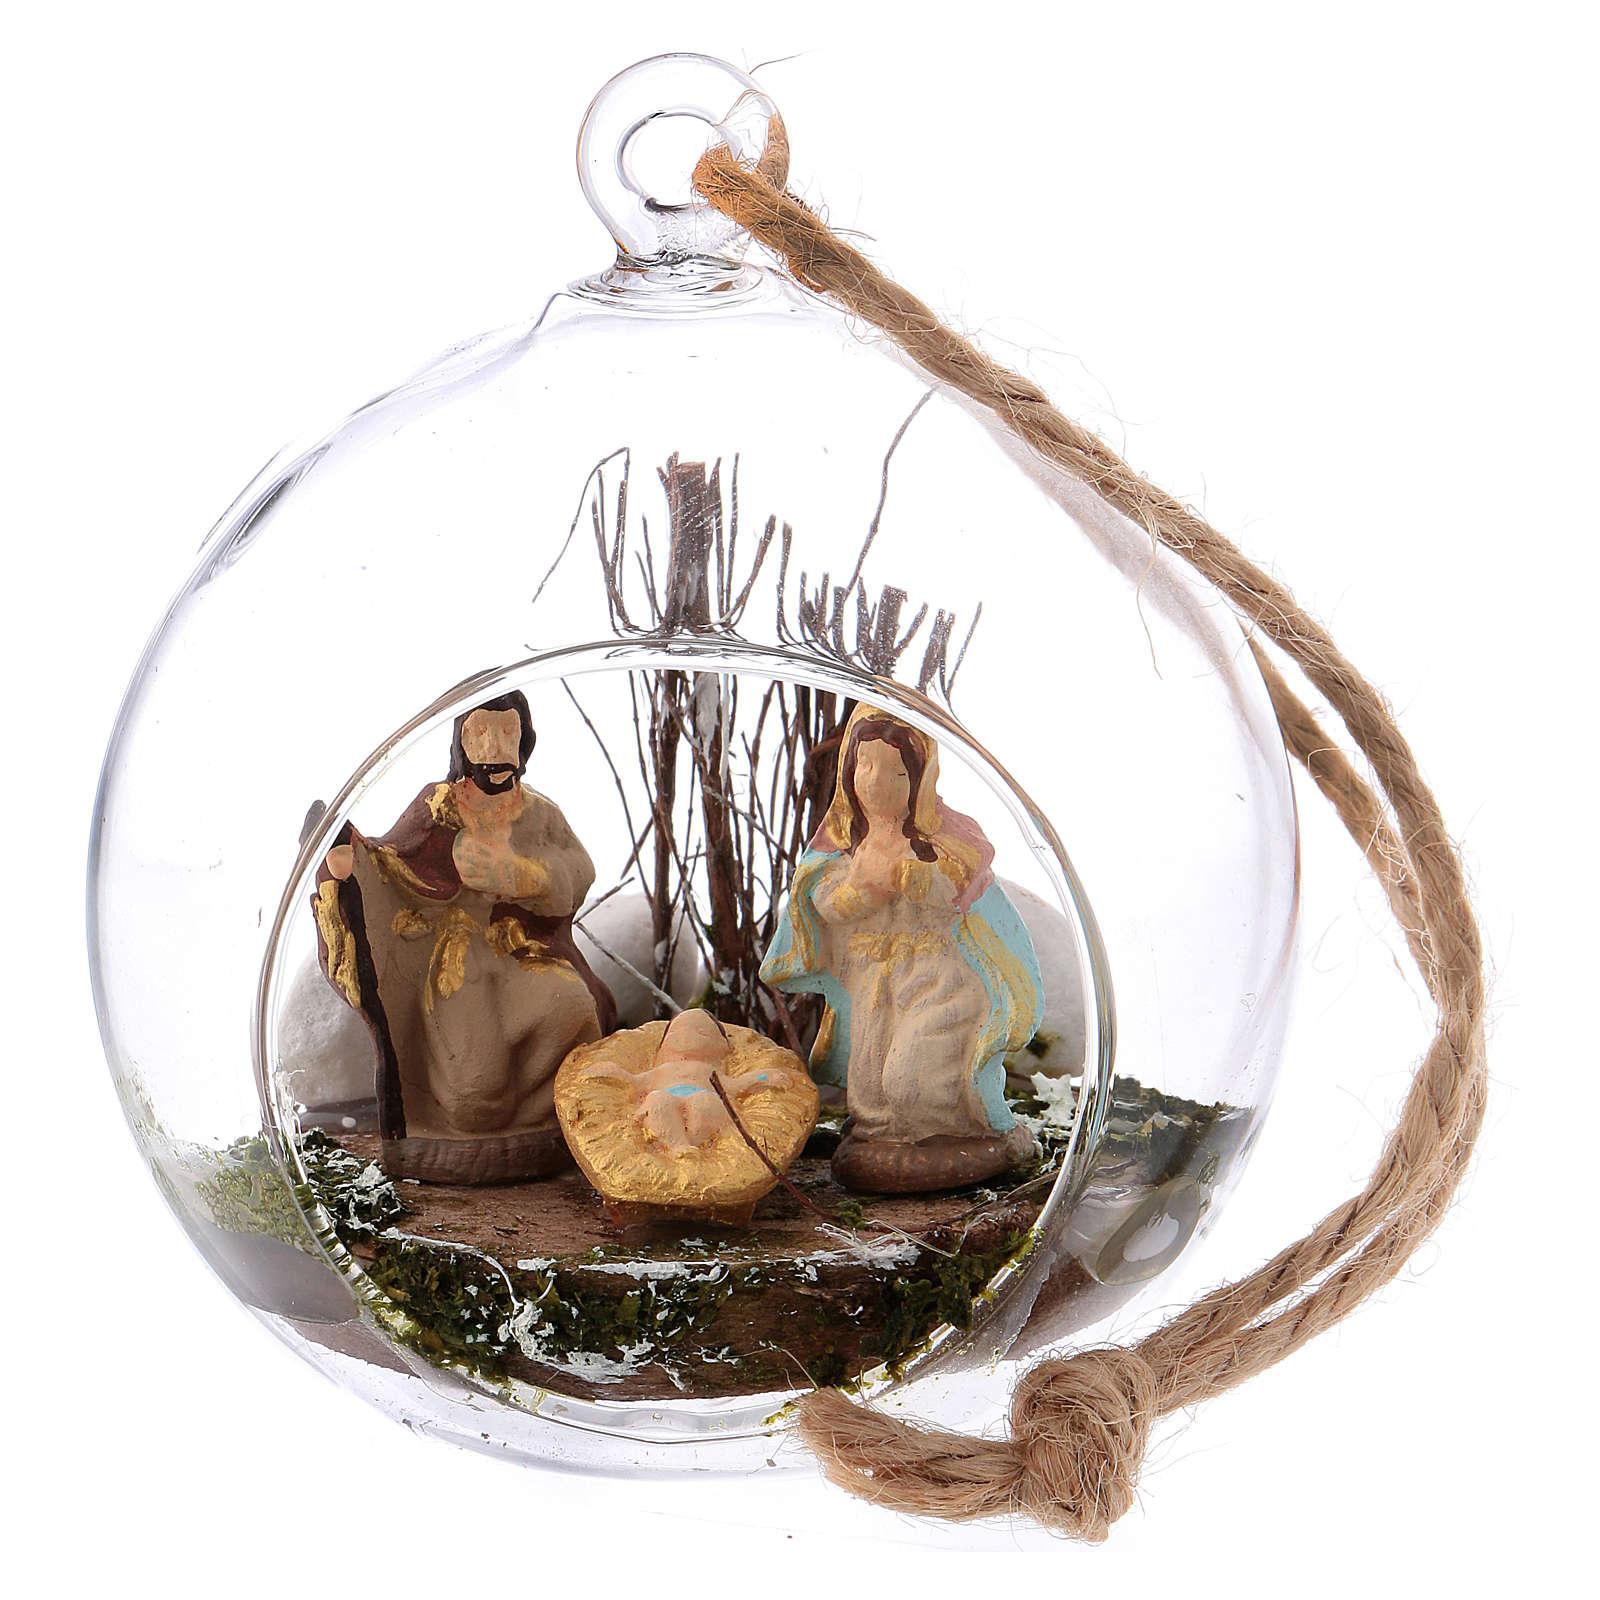 Nativity scene of 4 cm in Deruta terracotta made inside a glass sphere 10x10x10 cm 4